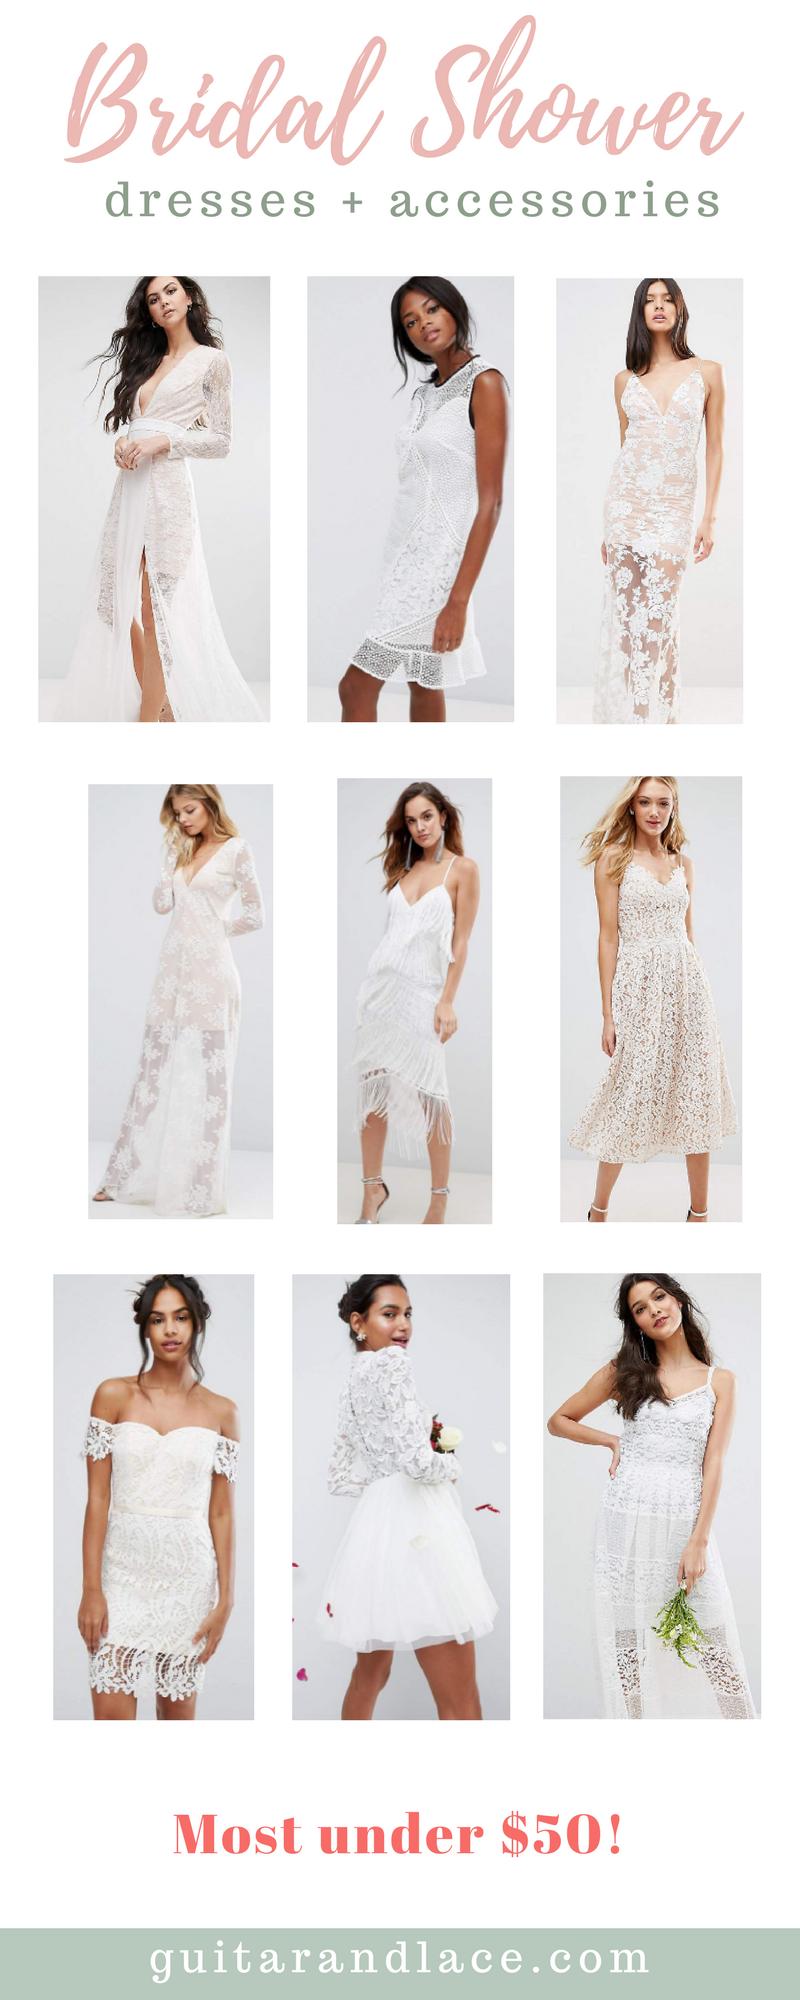 bridal shower dresses